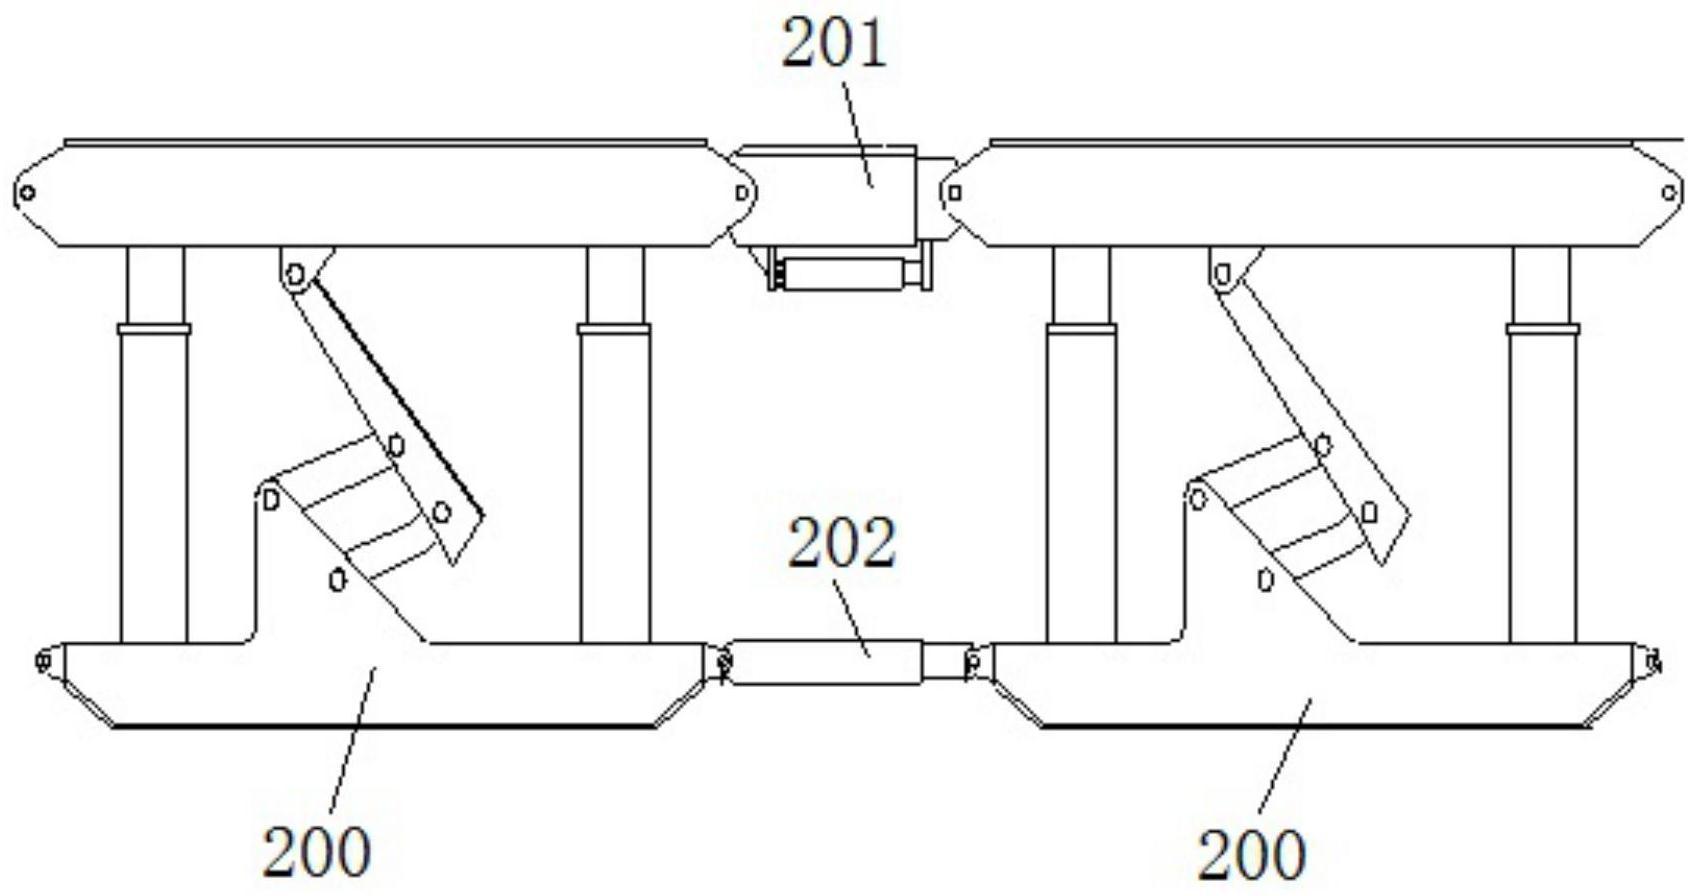 超前支护支架与转载机同步安装方法